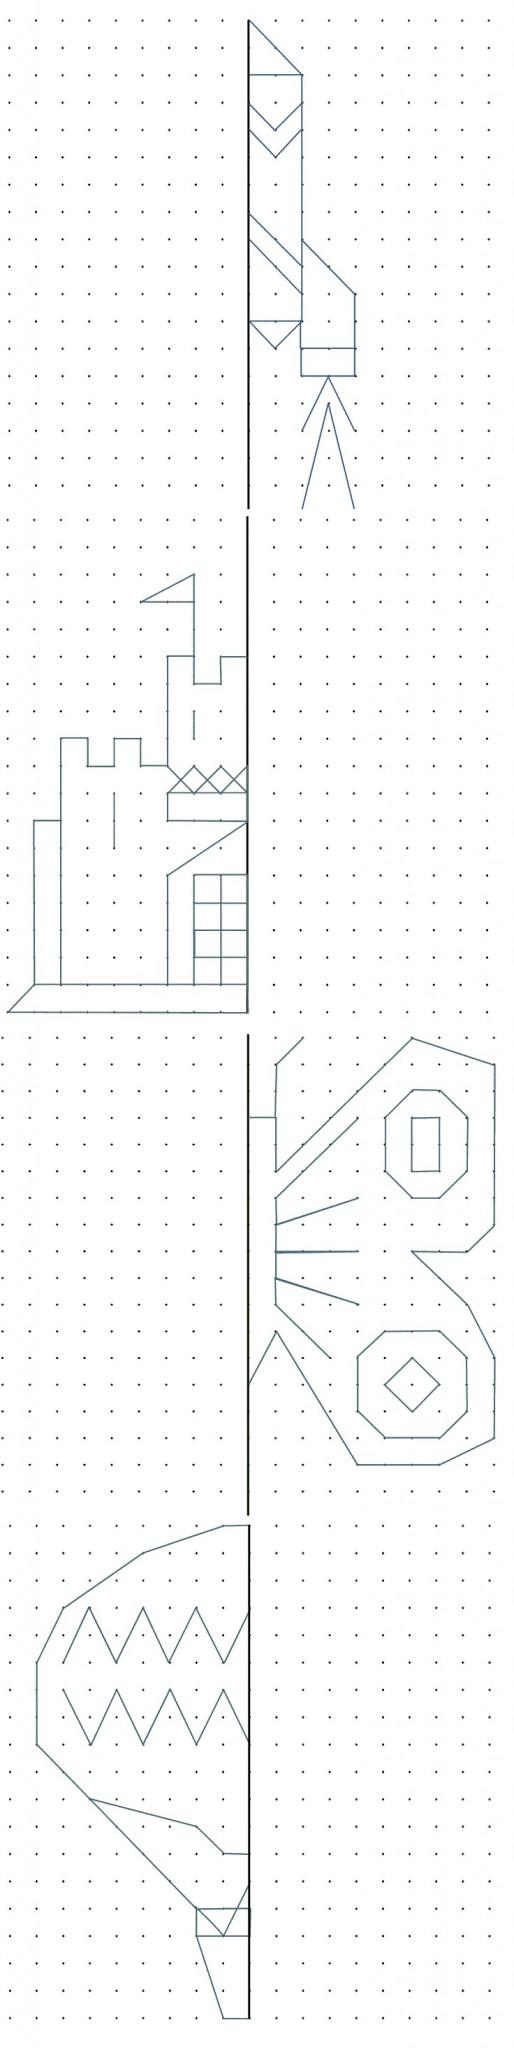 S'entraîner À La Symétrie : Un Pack De Fiches | Ma Maitresse avec Symétrie Cm1 Évaluation